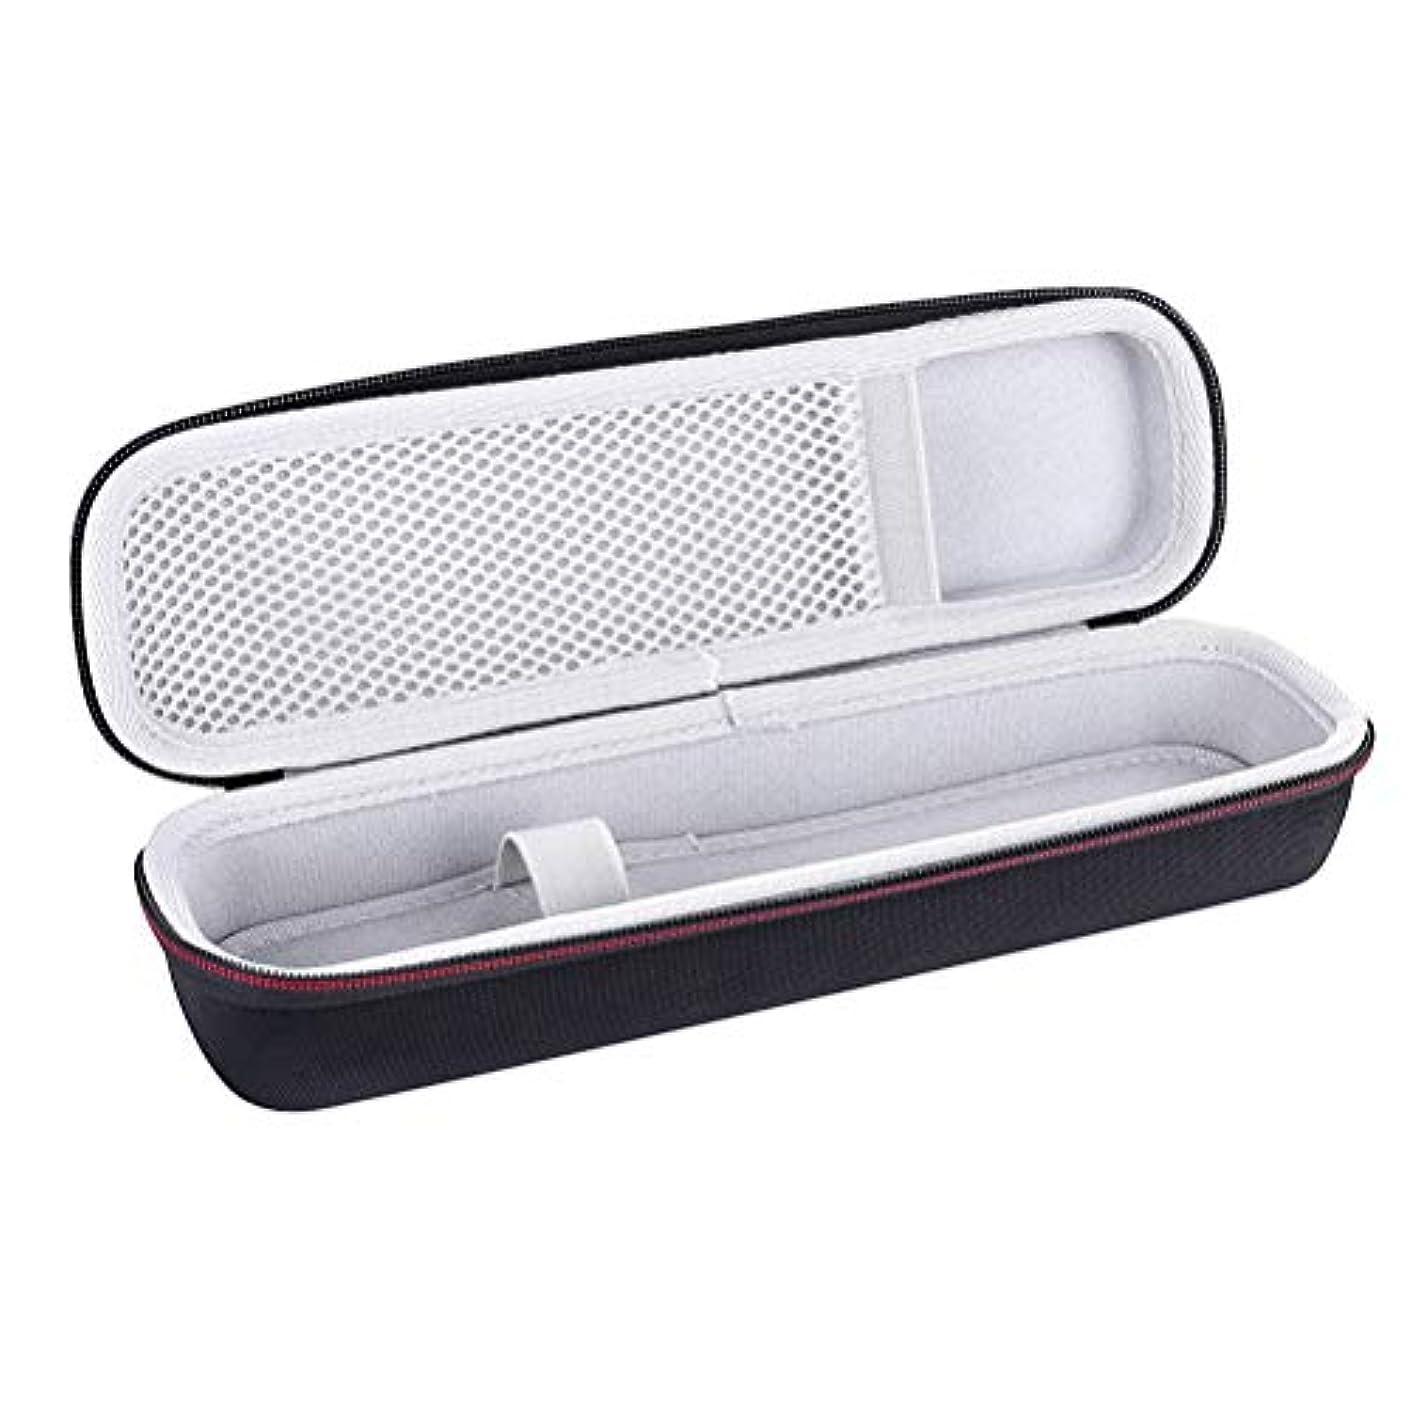 四回制限する小さいHealifty 電動歯ブラシケースポータブル圧縮抵抗保護歯ブラシ収納ケース屋外旅行用